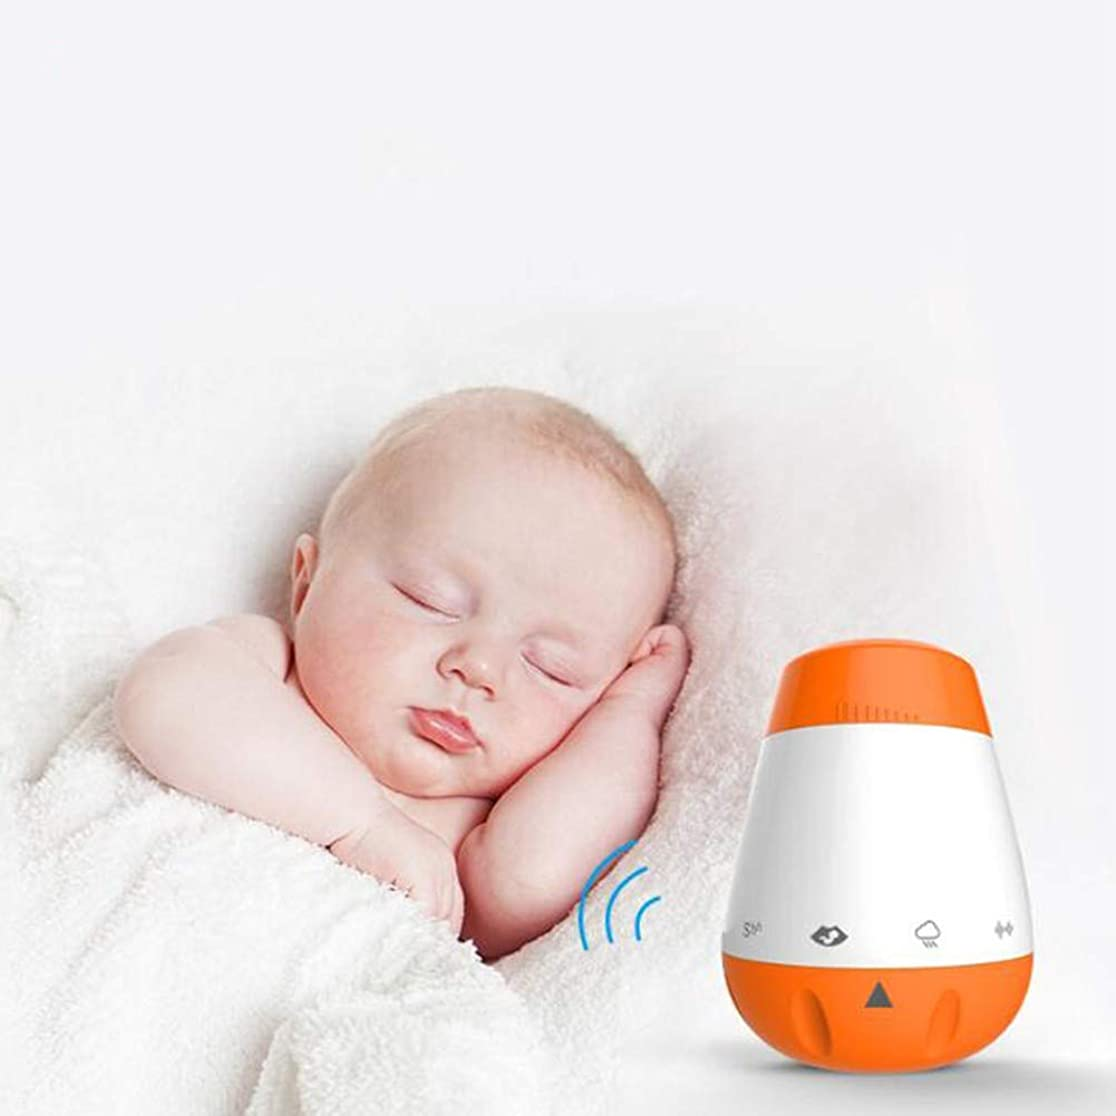 ドア丁寧モンゴメリーホワイトノイズの睡眠補助薬、USB充電オートオフタイマー付きの6つの睡眠鎮静音